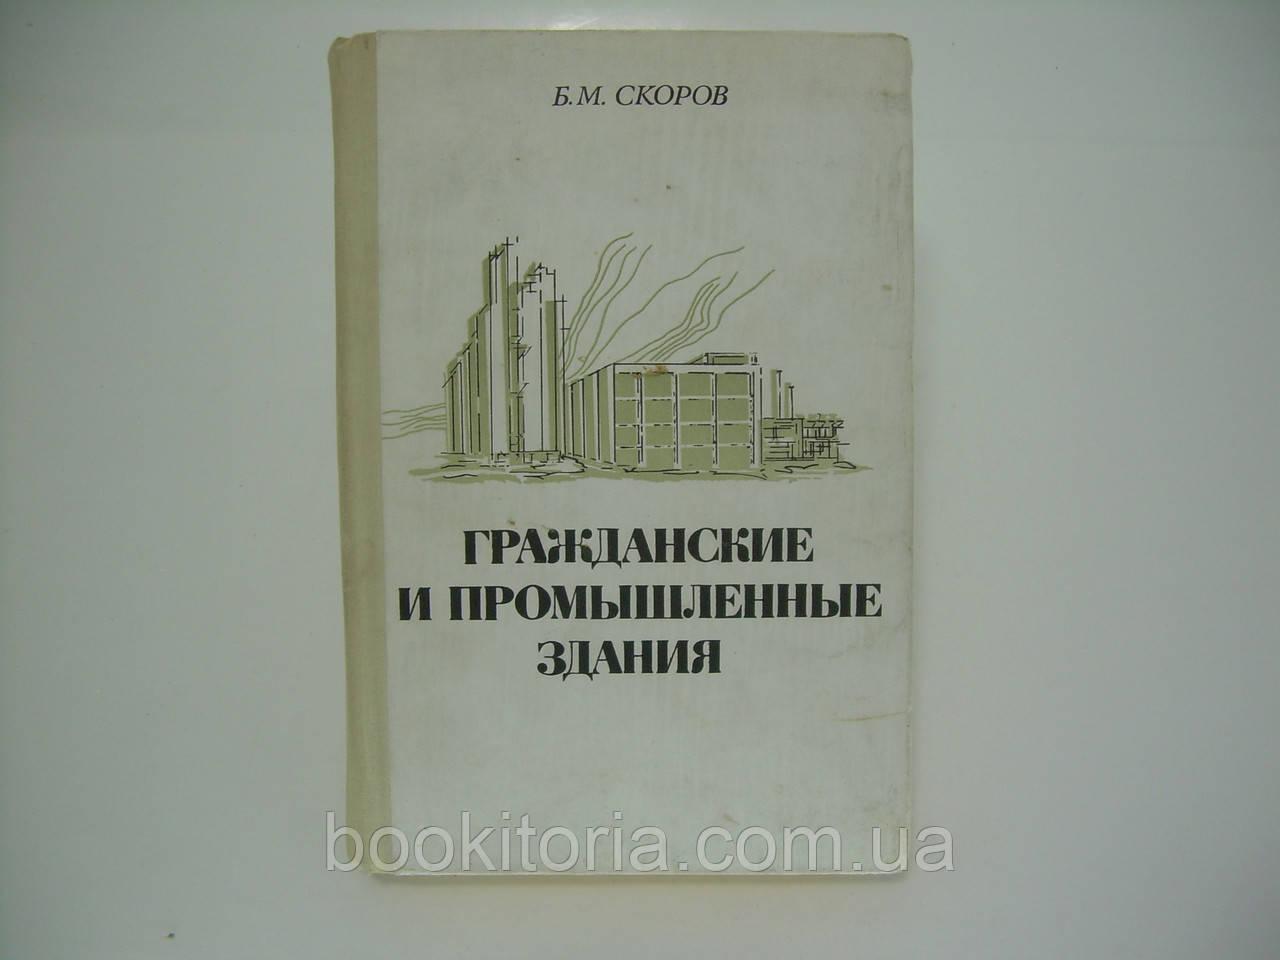 Скоров Б.М. Гражданские и промышленные здания (б/у).